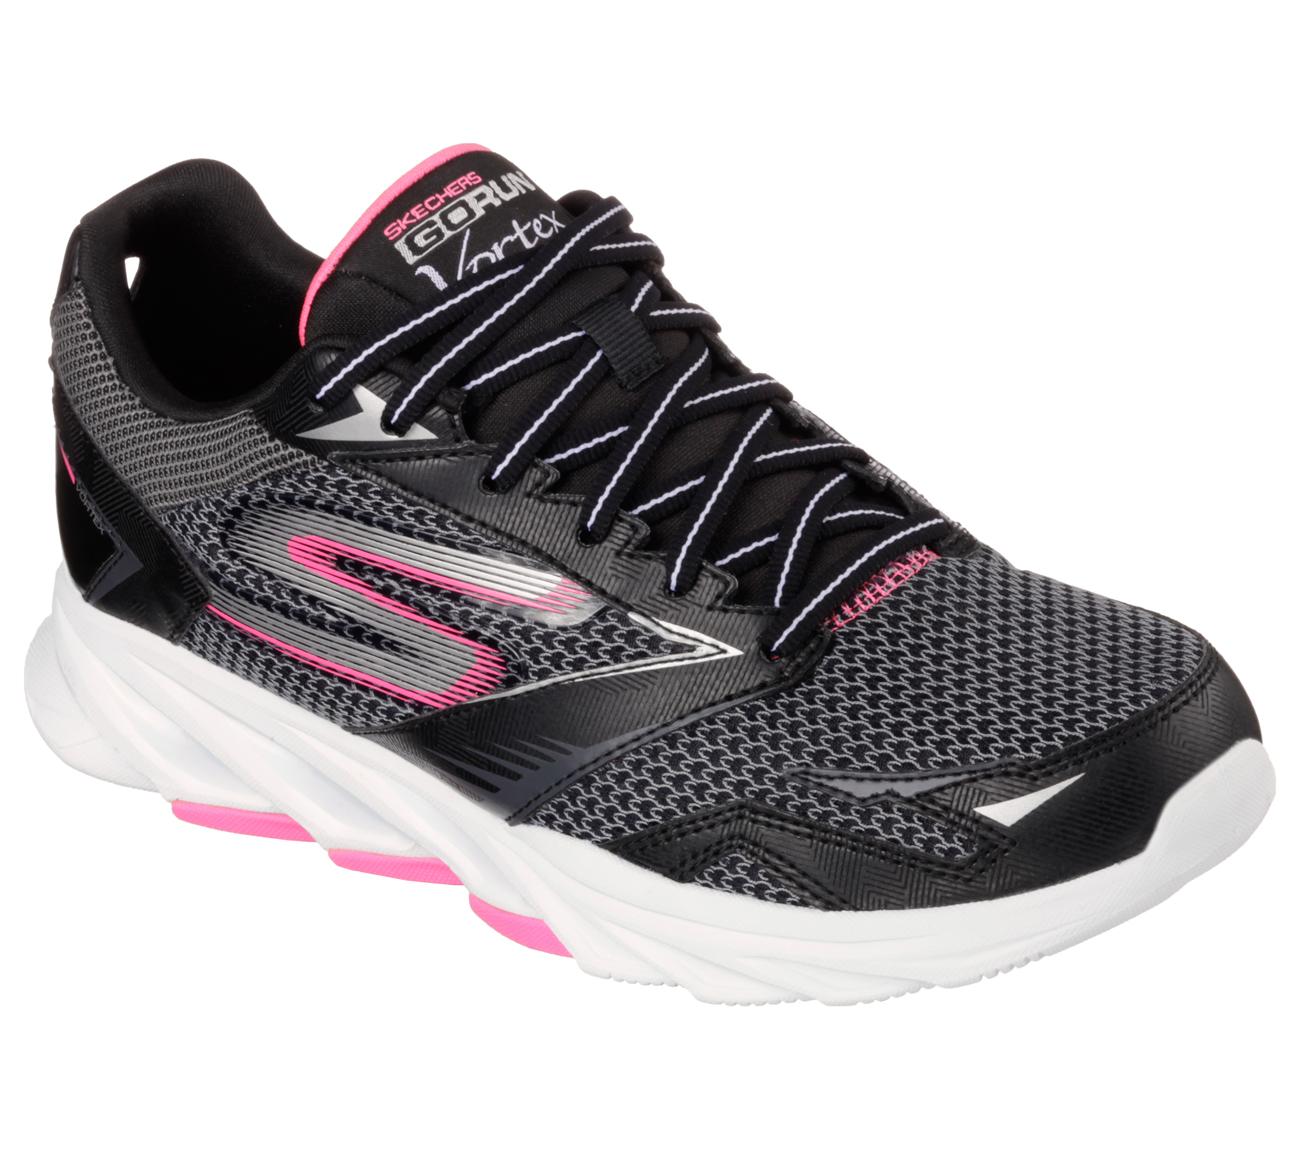 Vortex Shoe Lace